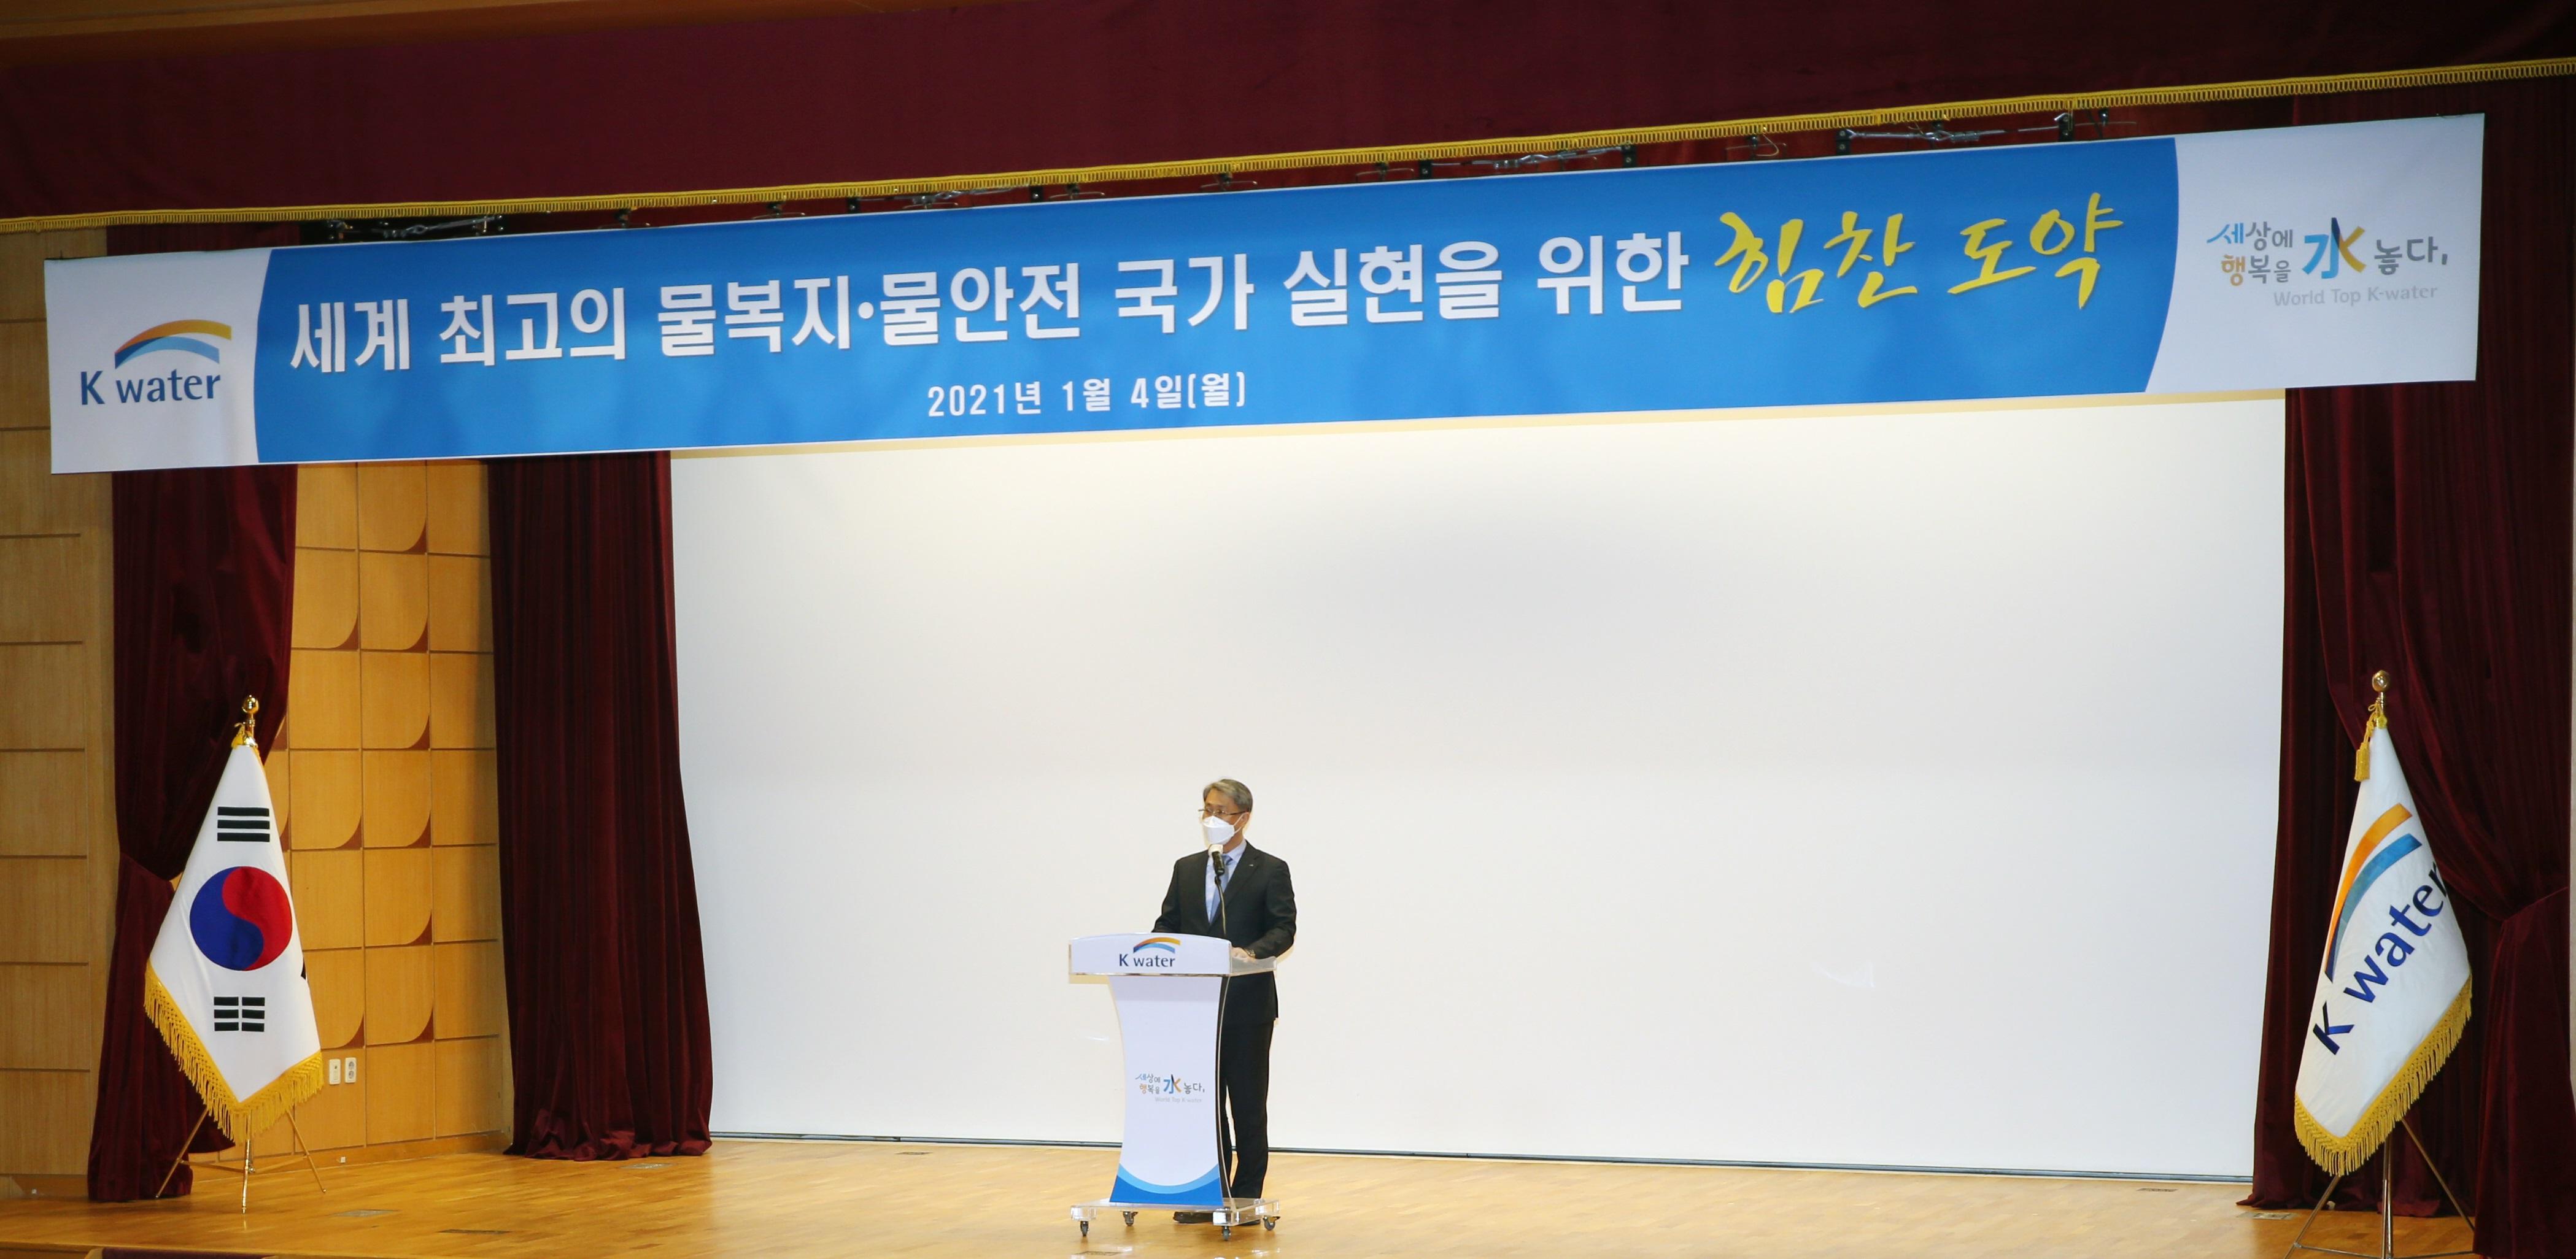 한국수자원공사 박재현 사장, 세계 최고 물복지·물안전 약속  4가지 중점 추진방향 제시